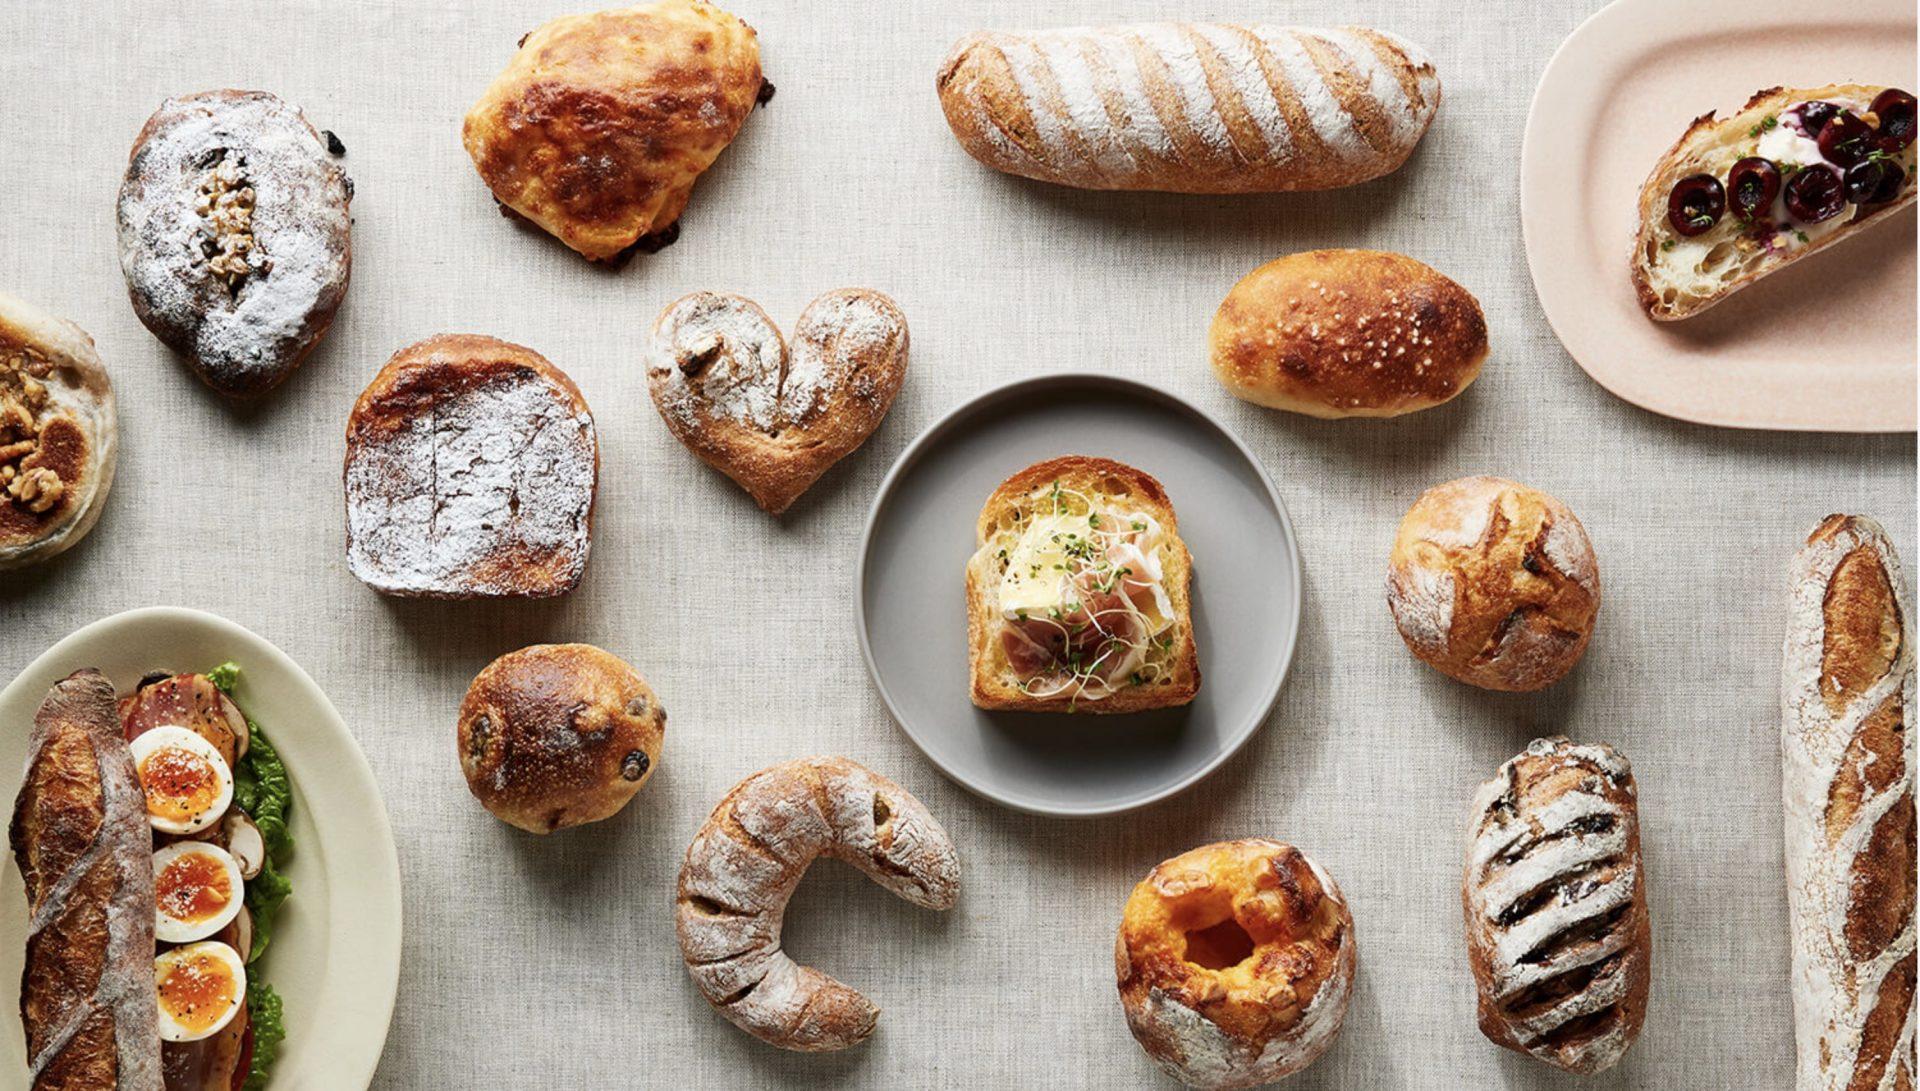 bakery vacances